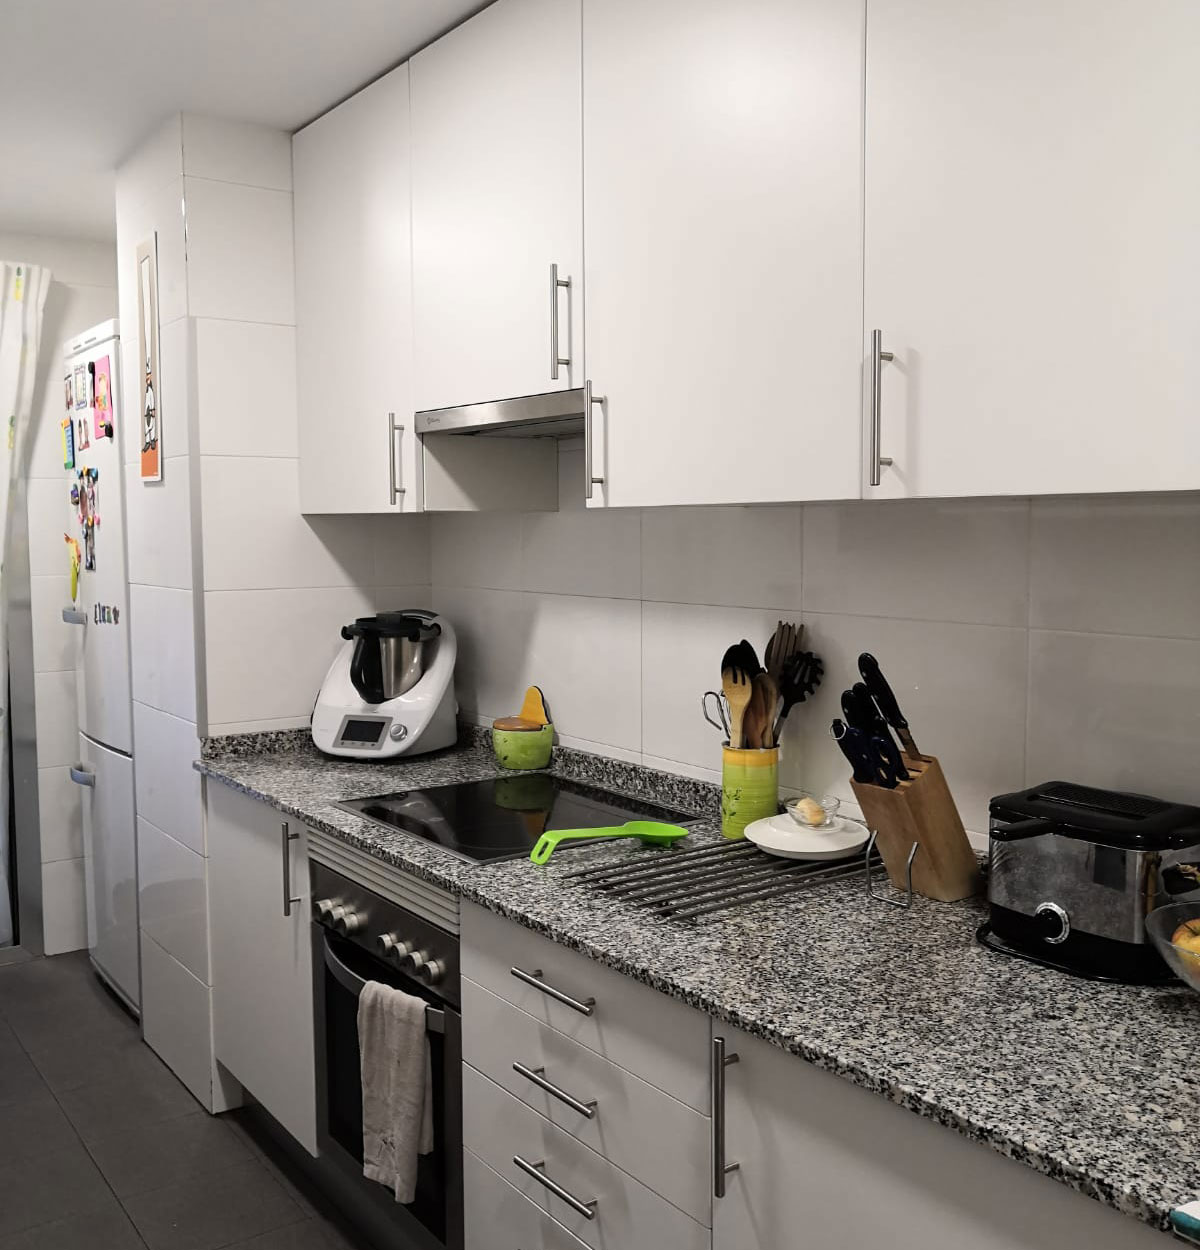 Nueva distribución de mobiliario de cocina 1